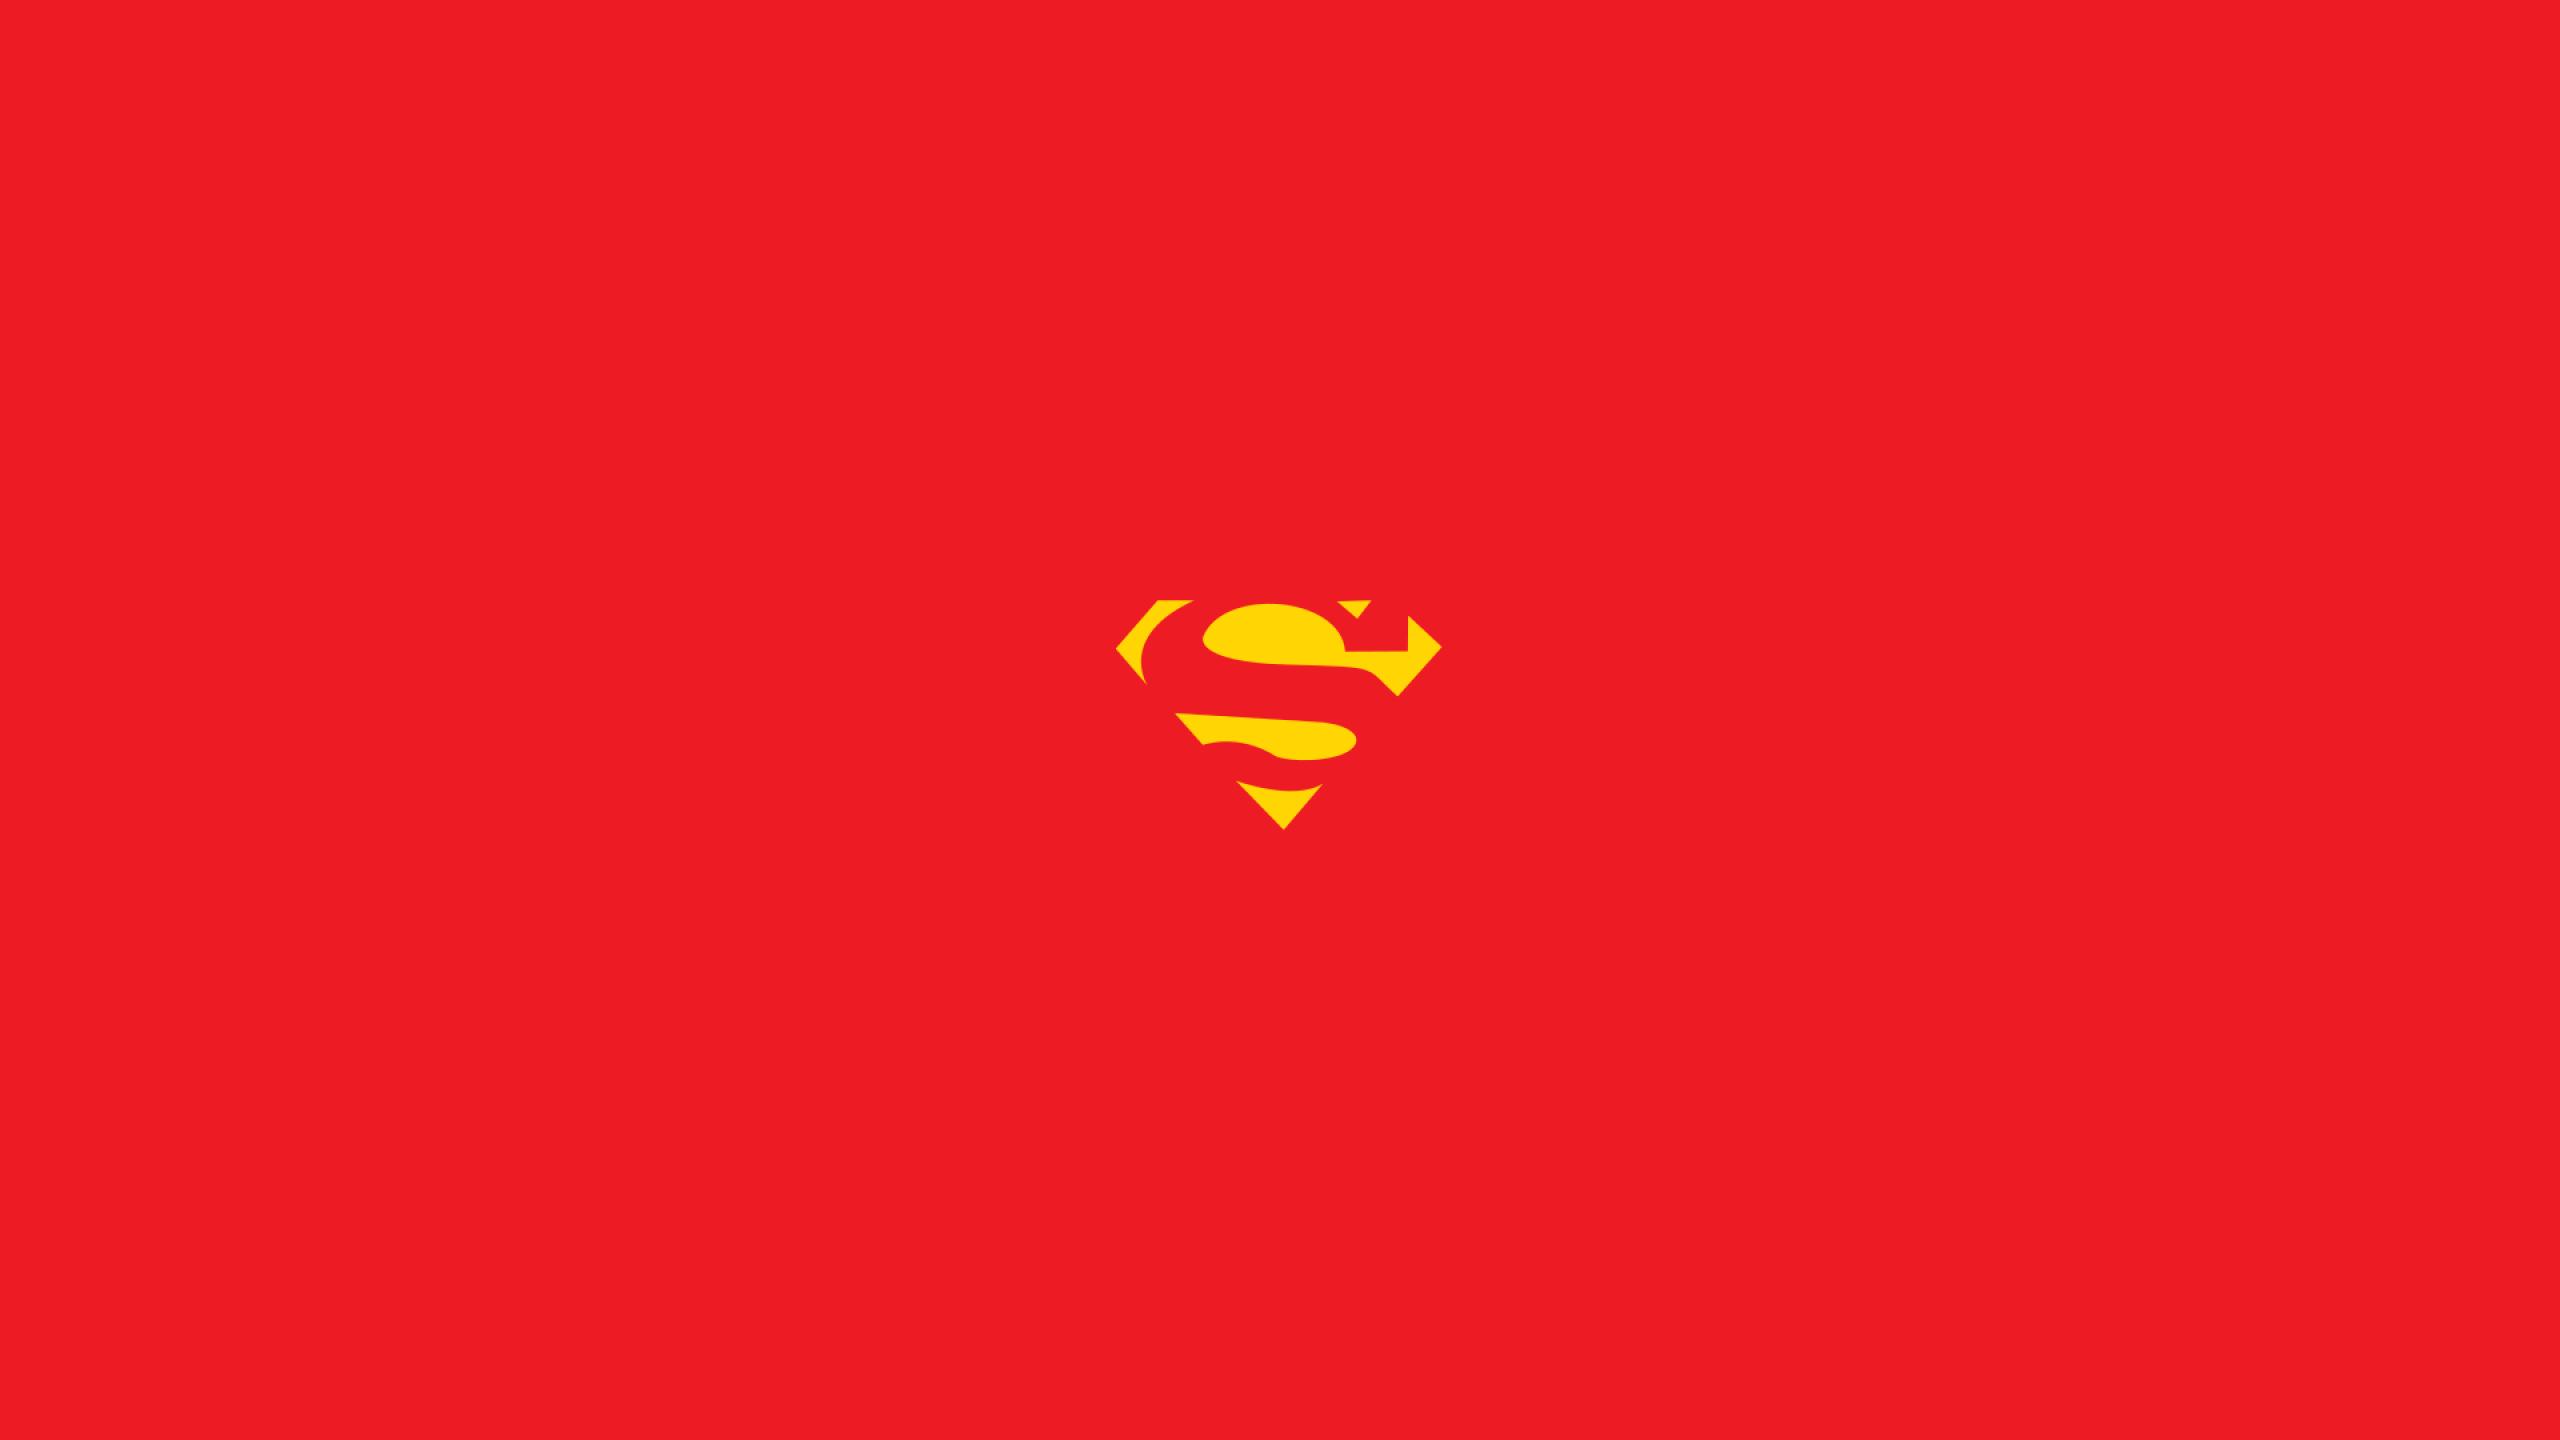 Minimal Logo 1440P Resolution Wallpaper